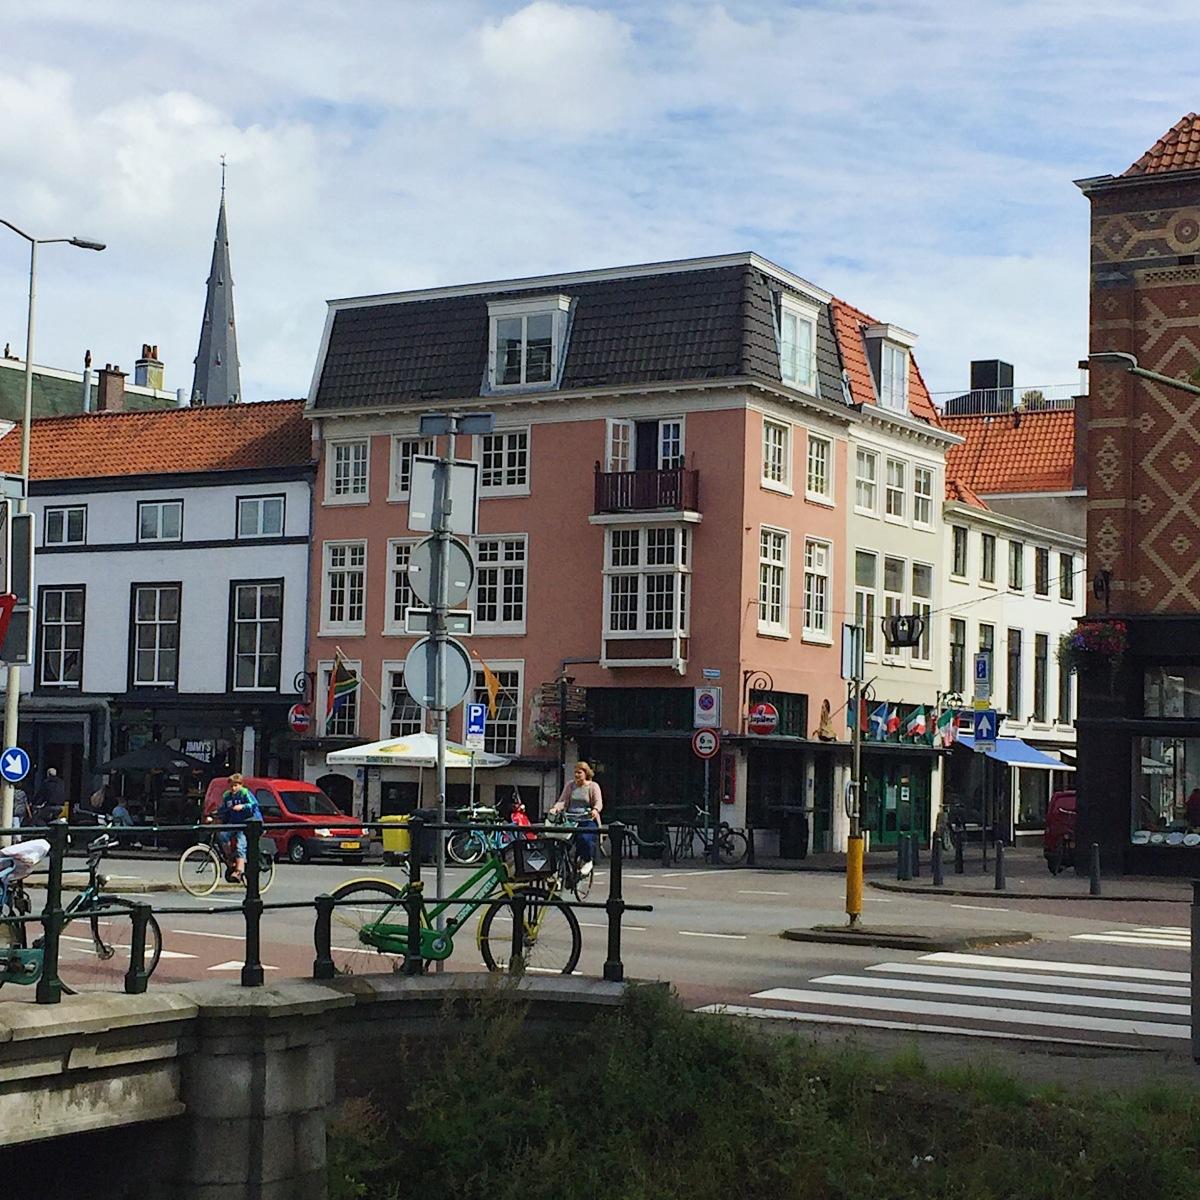 Den Haag, Setelah Tujuh Tahun